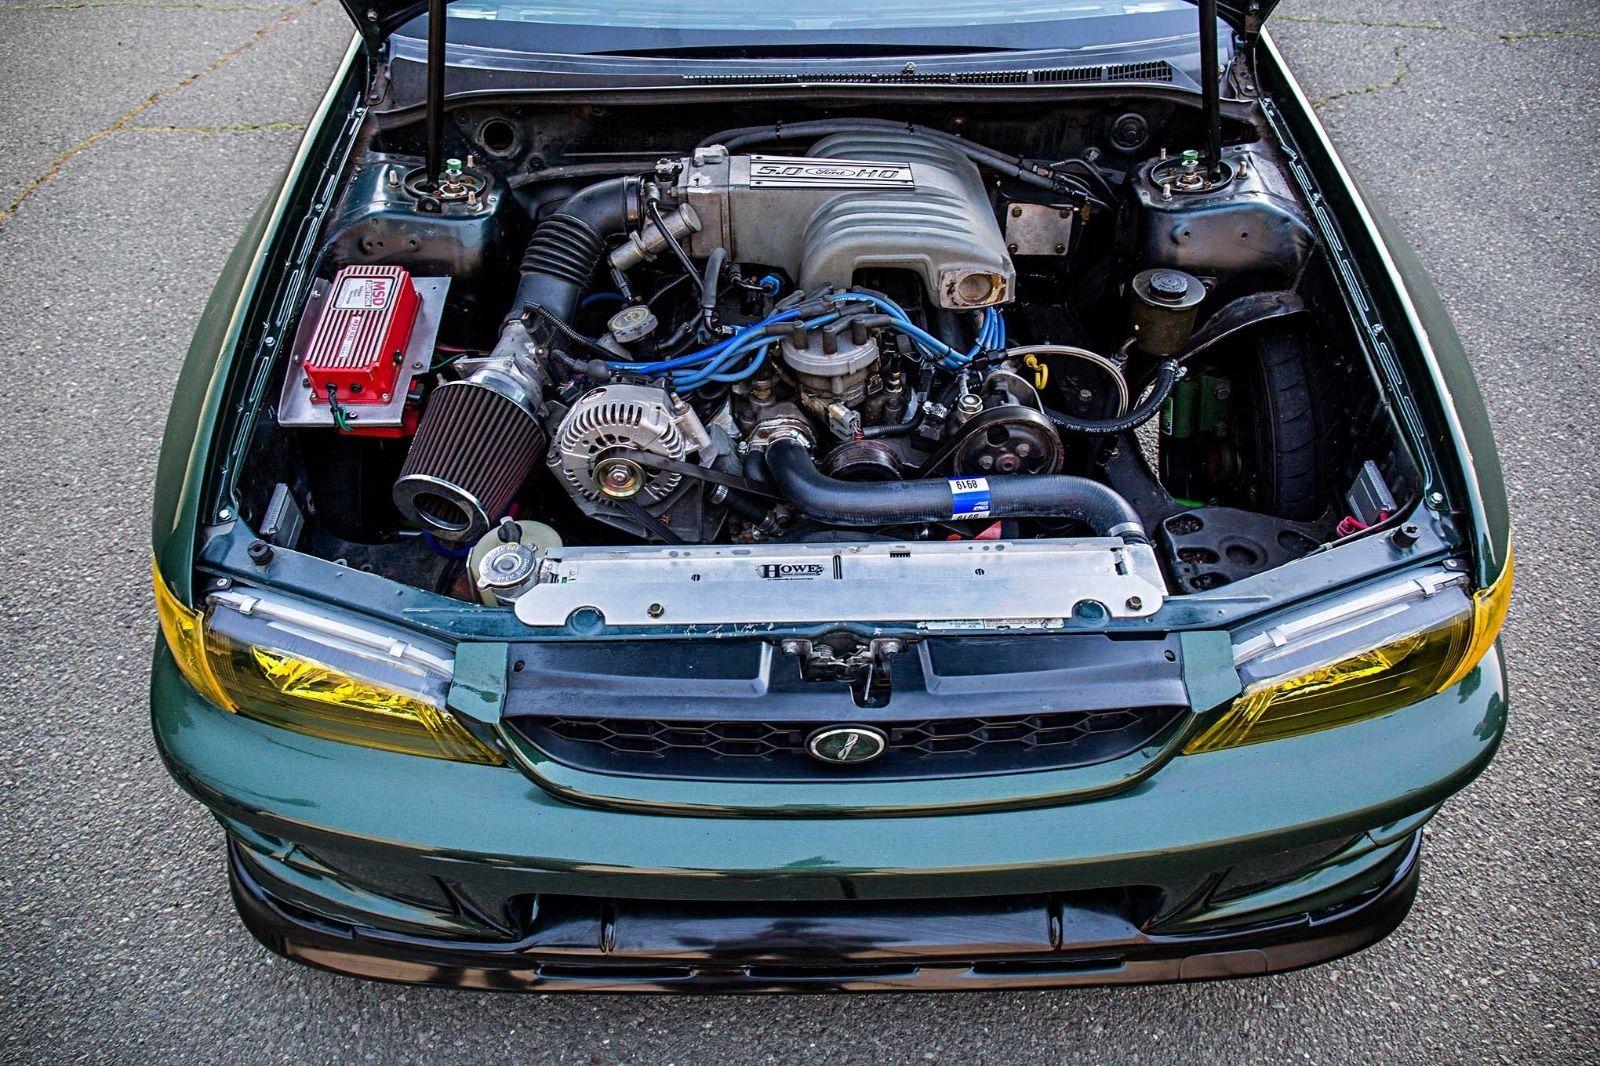 hight resolution of not an ls swap how about a 5 0l powered subaru impreza drift car